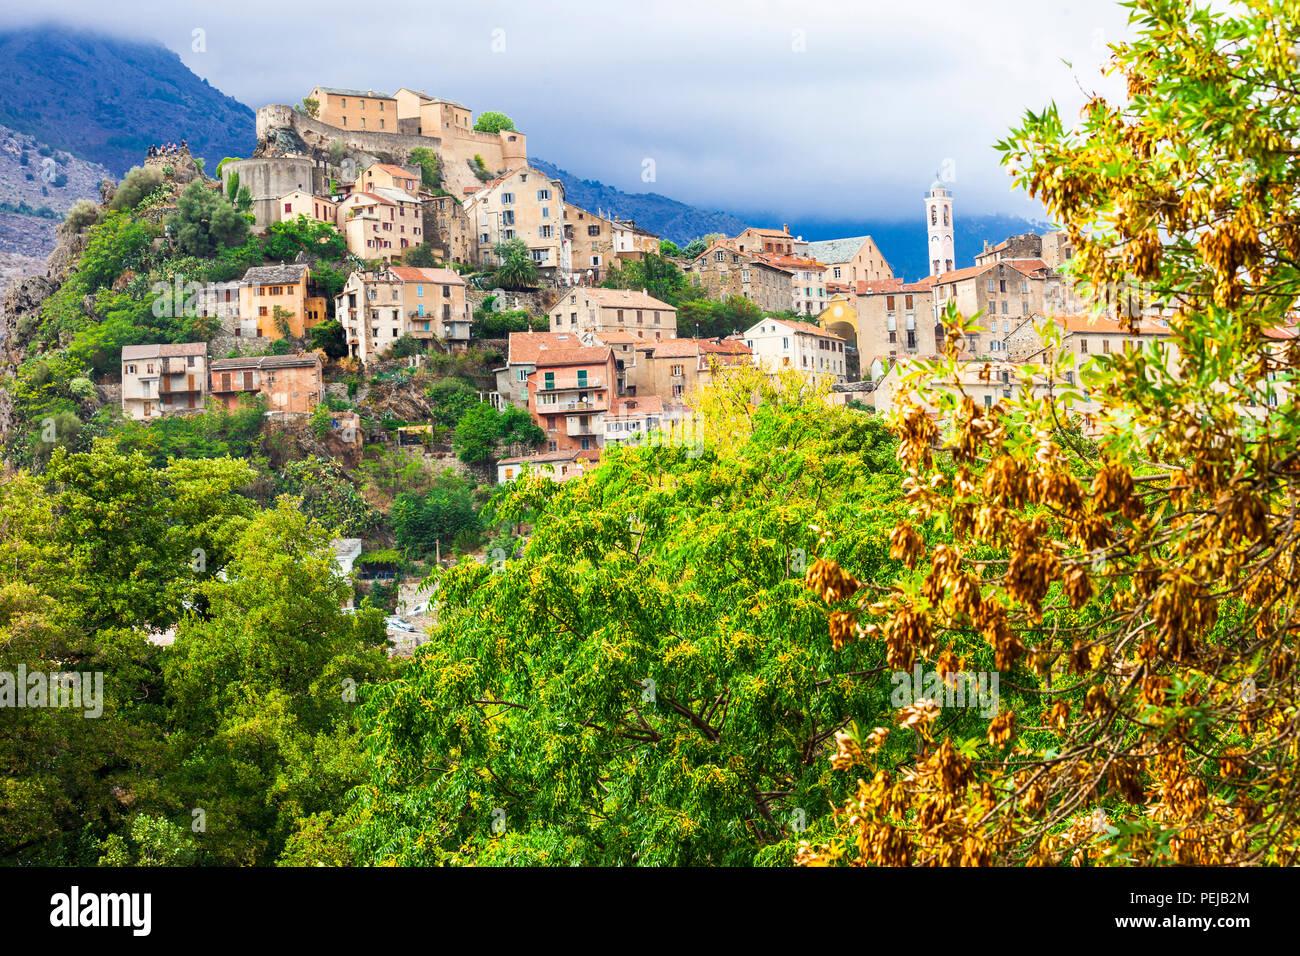 Beeindruckende Corte Dorf, mit Blick auf alte Zitadelle und Berge, Korsika, Frankreich. Stockbild